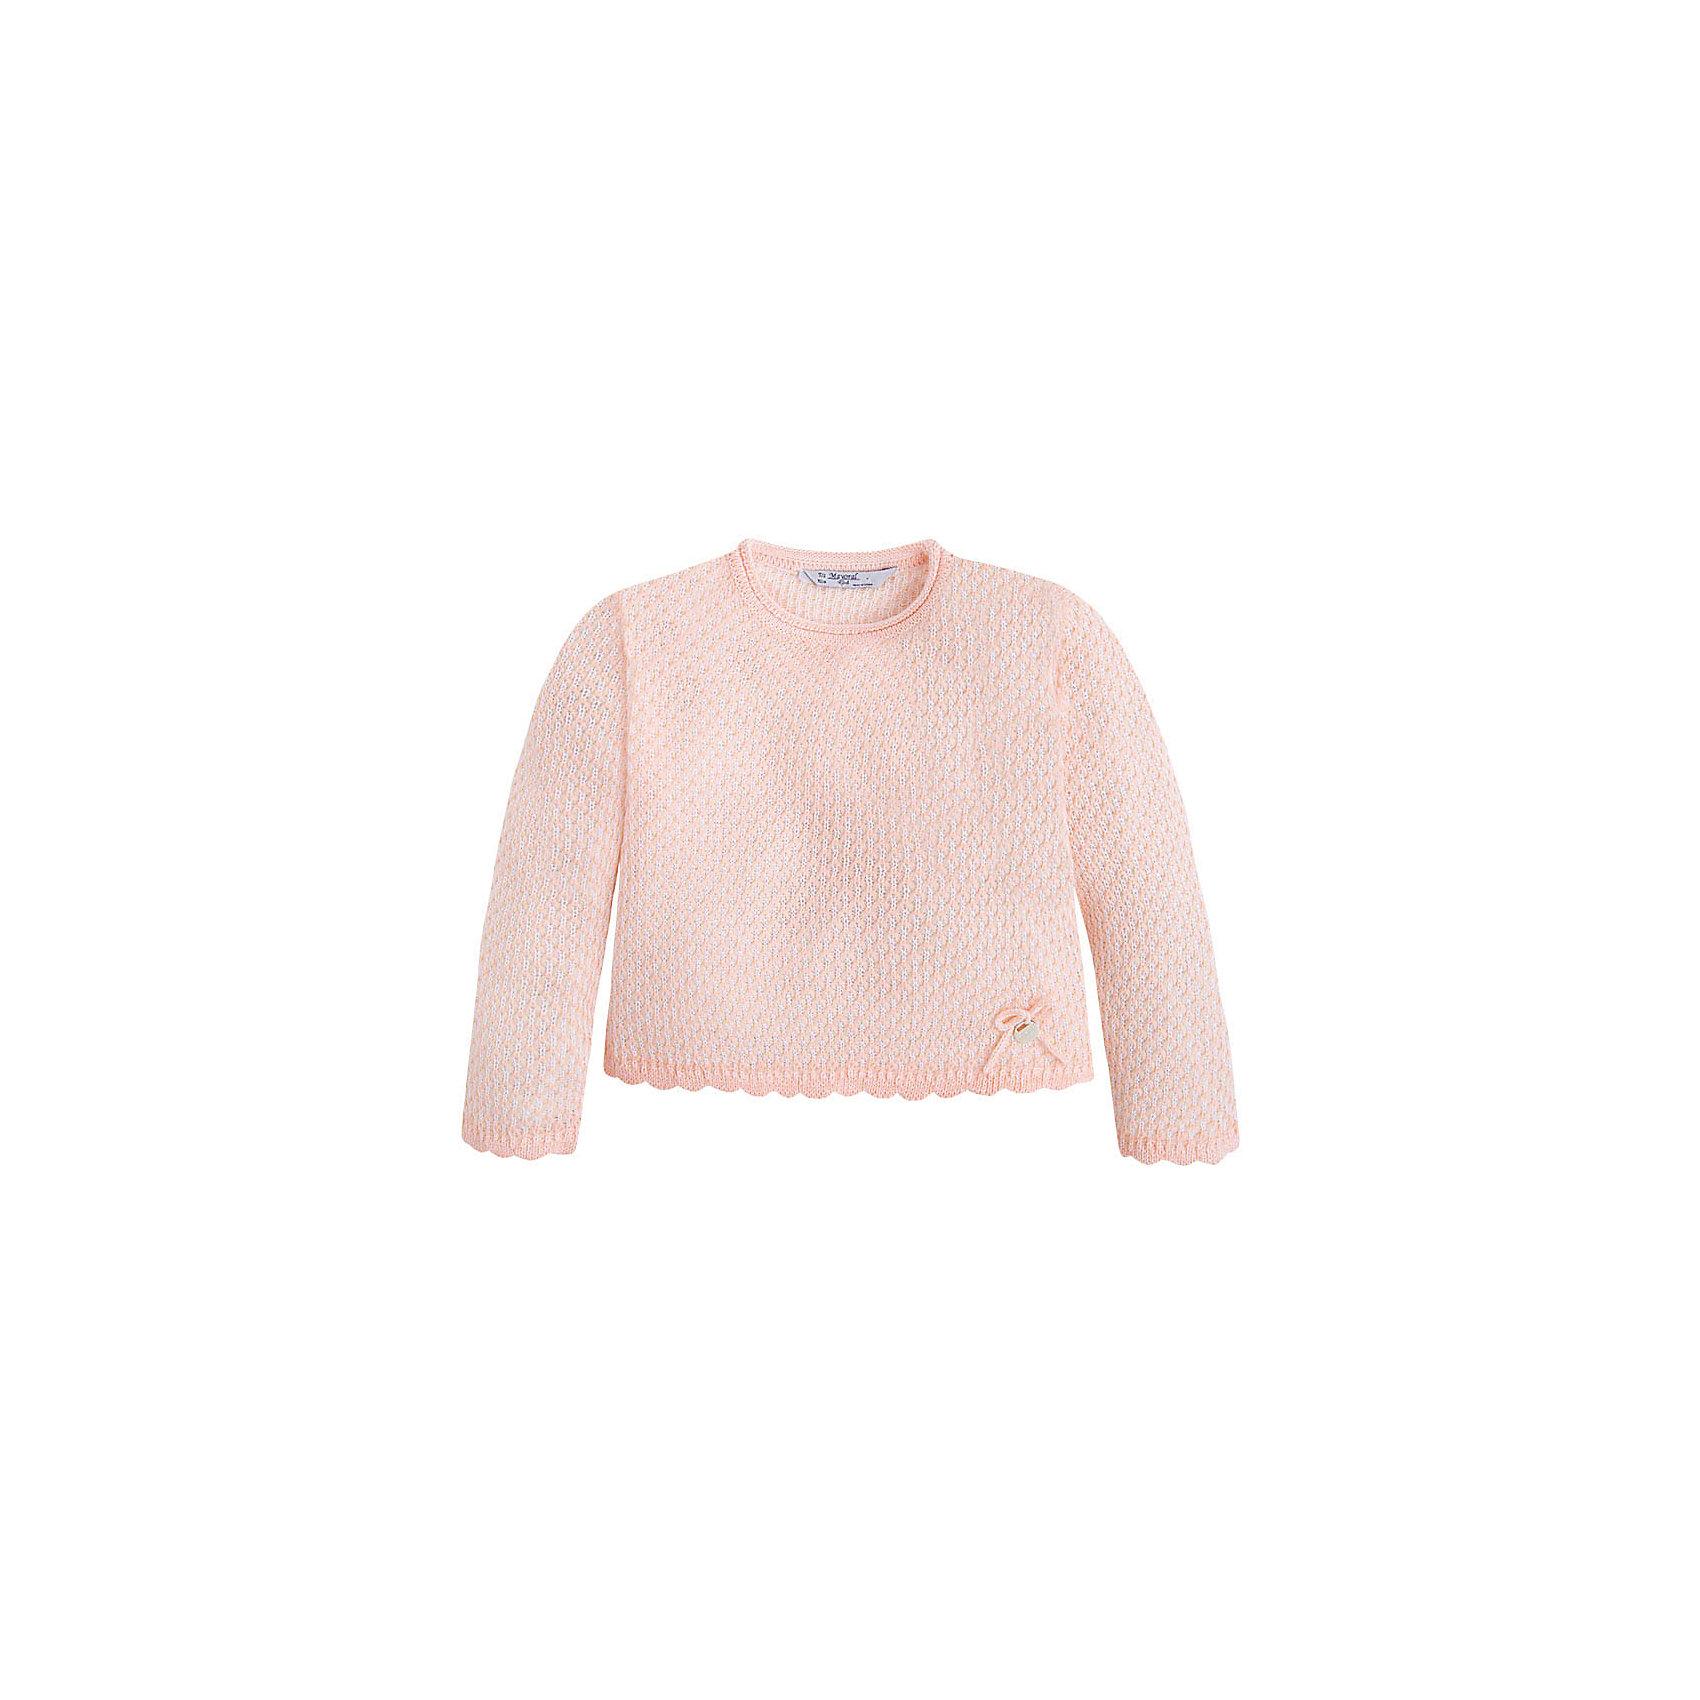 Свитер для девочки MayoralСвитер для девочки от известной испанской марки Mayoral <br><br>Модный свитер от Mayoral актуален в прохладную погоду. Он прекрасно сочетается с различным низом.  Модель выполнена из качественных материалов, отлично садится по фигуре.<br><br>Особенности модели:<br><br>- цвет: розовый;<br>- рукава длинные;<br>- круглый горловой вырез;<br>- отделка низа и рукавов.<br><br>Дополнительная информация:<br><br>Состав: 100% акрил<br><br>Свитер для девочки Mayoral (Майорал) можно купить в нашем магазине.<br><br>Ширина мм: 190<br>Глубина мм: 74<br>Высота мм: 229<br>Вес г: 236<br>Цвет: розовый<br>Возраст от месяцев: 72<br>Возраст до месяцев: 84<br>Пол: Женский<br>Возраст: Детский<br>Размер: 122,98,128,134,110,104,116<br>SKU: 4542060